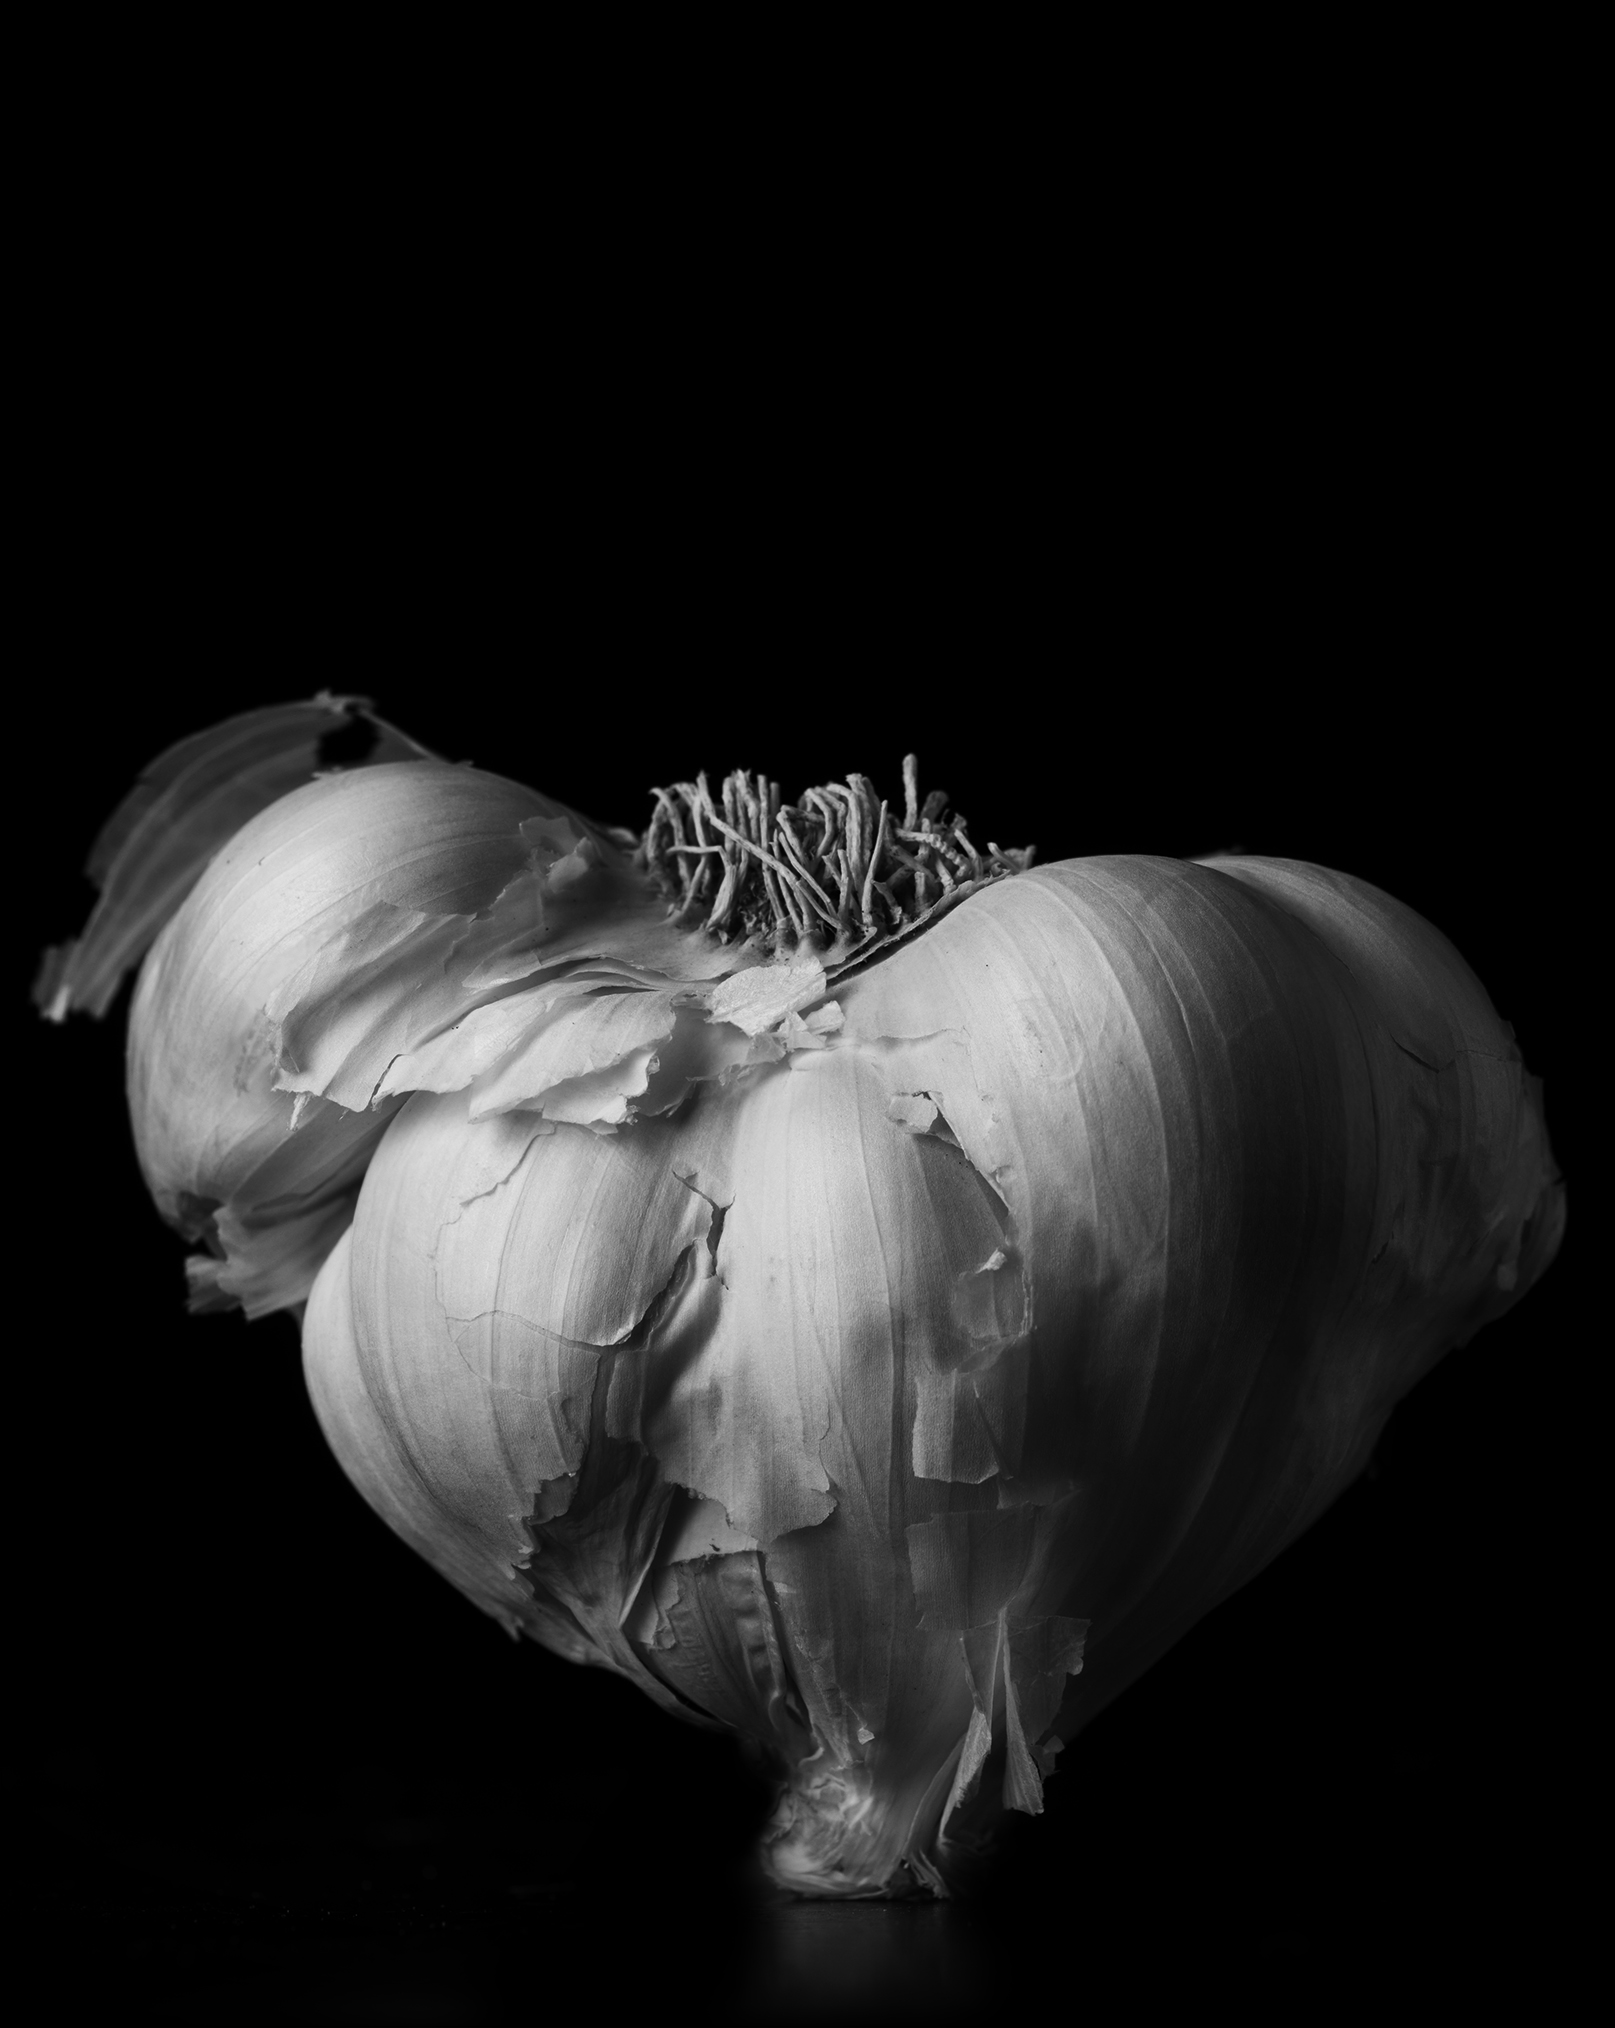 Garlic_0067.jpg